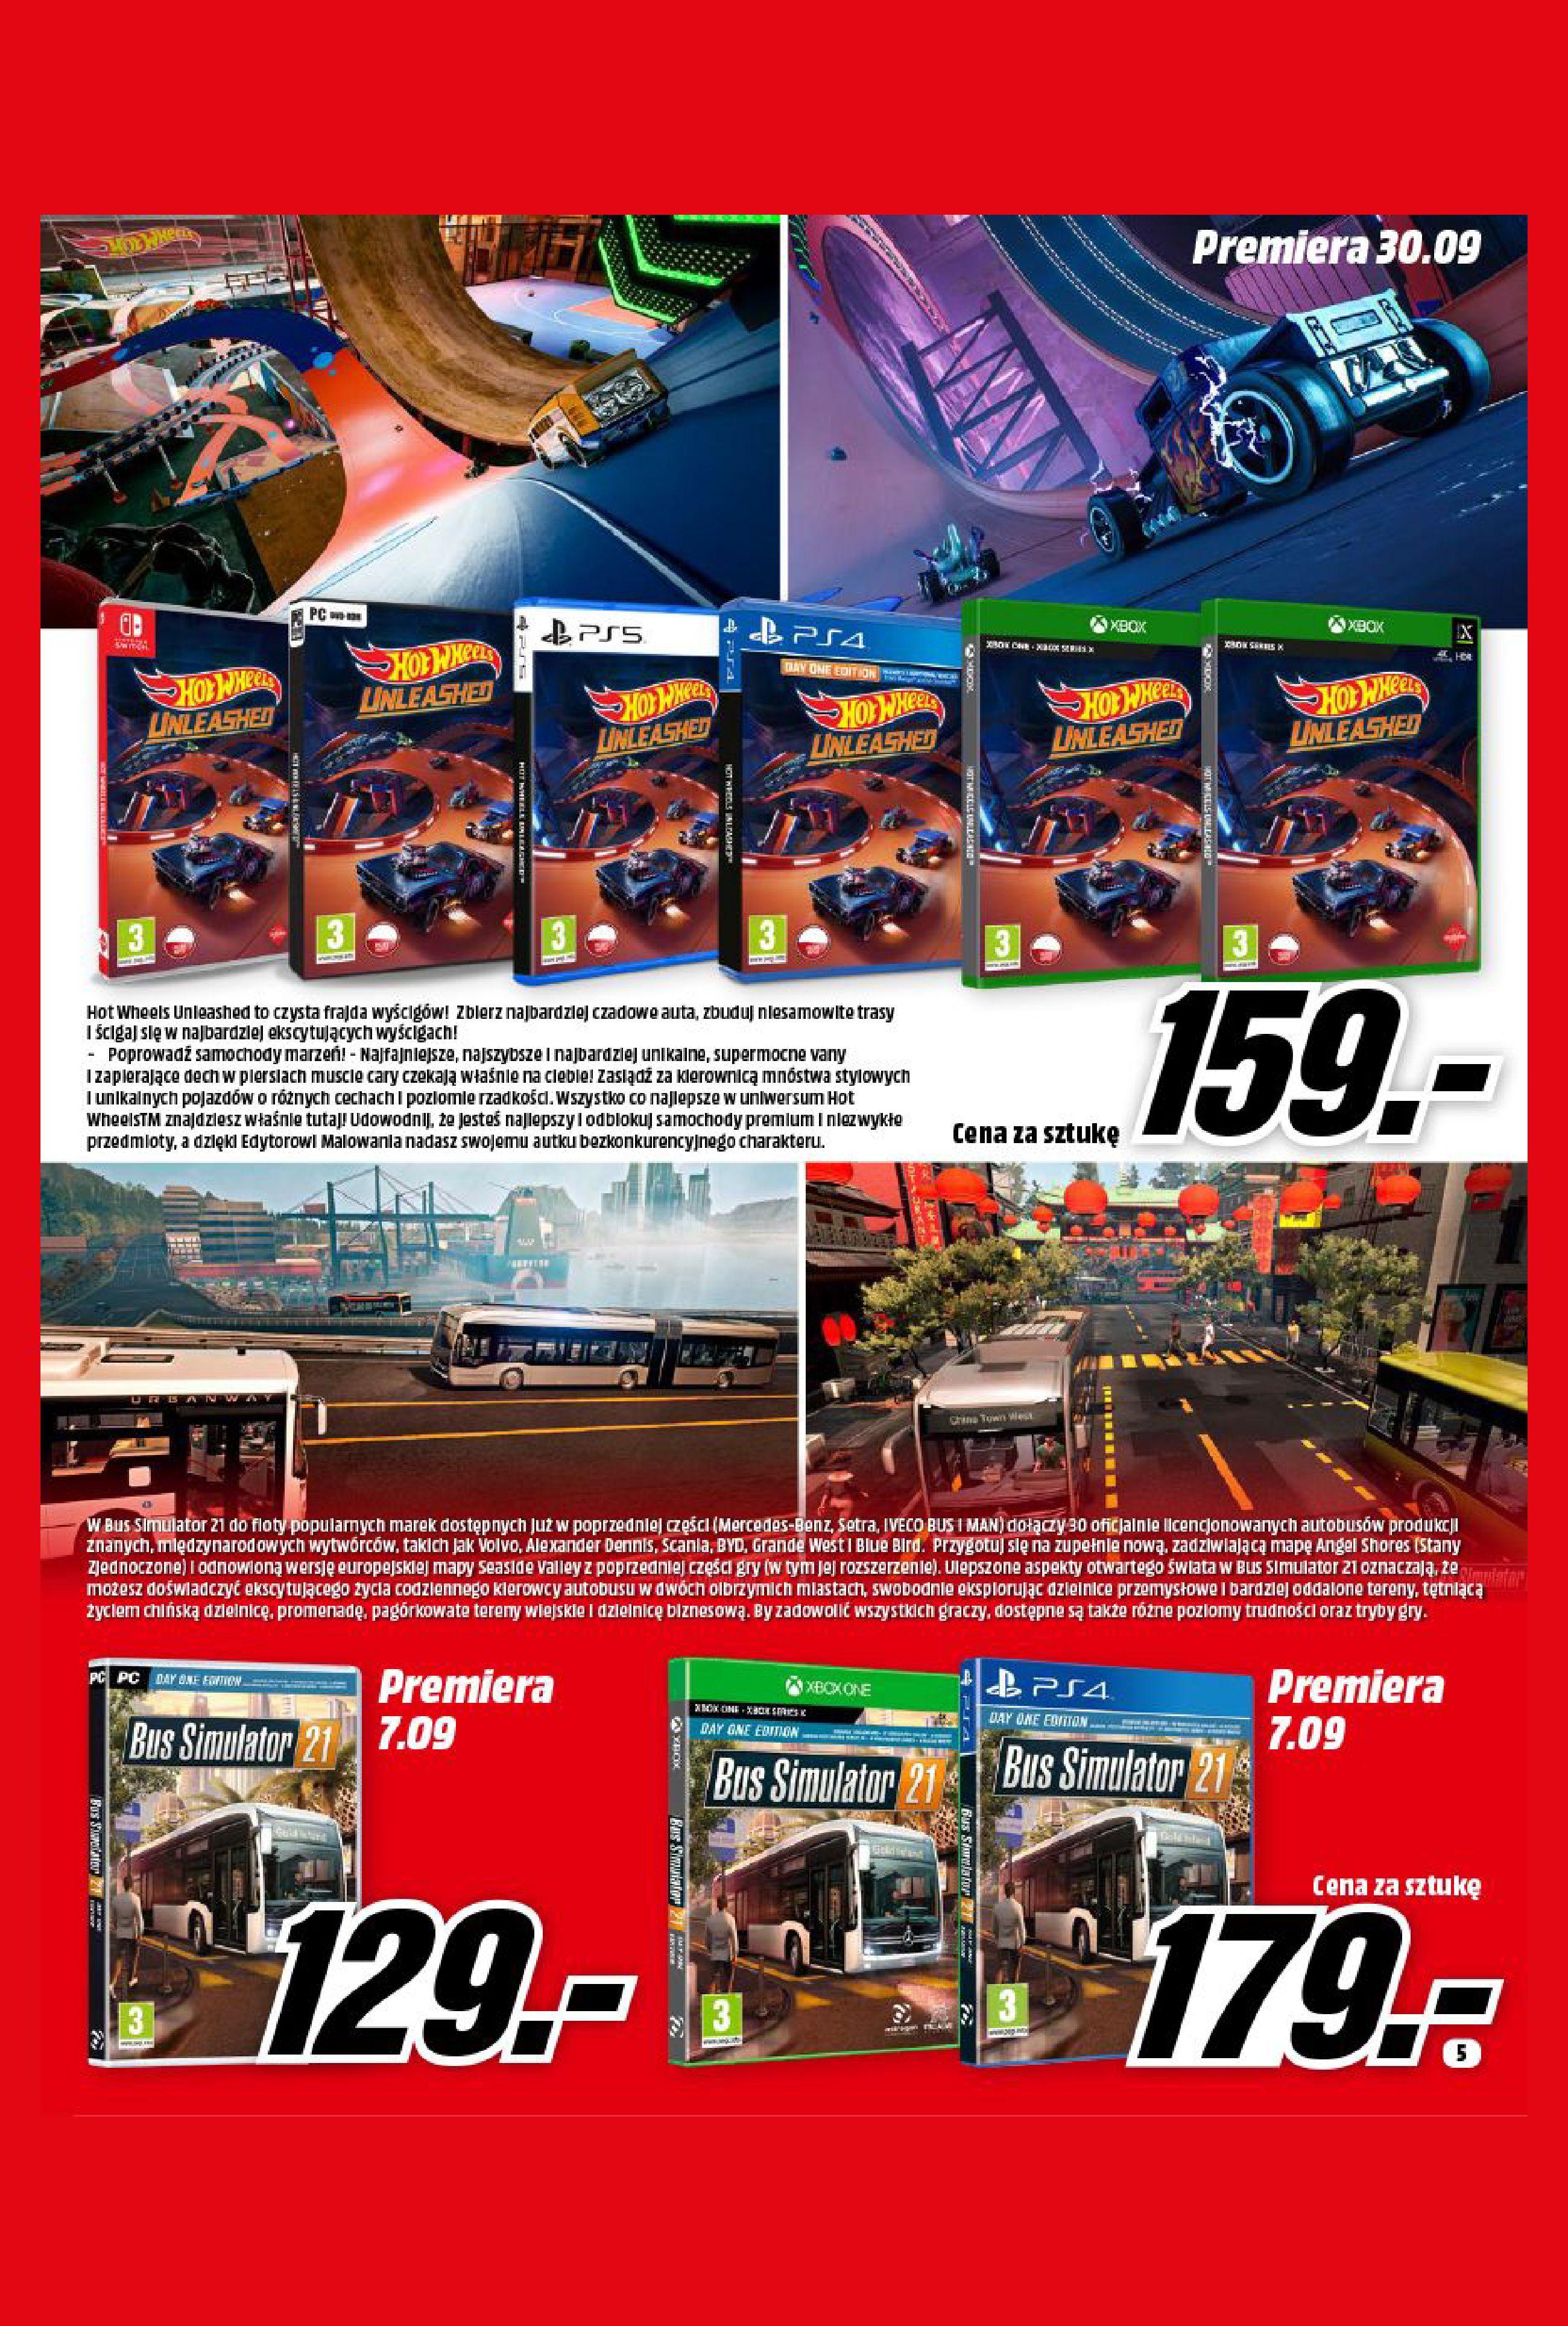 Gazetka Media Markt: Gazetka Media Markt - Wrzesień 2021 2021-09-09 page-5